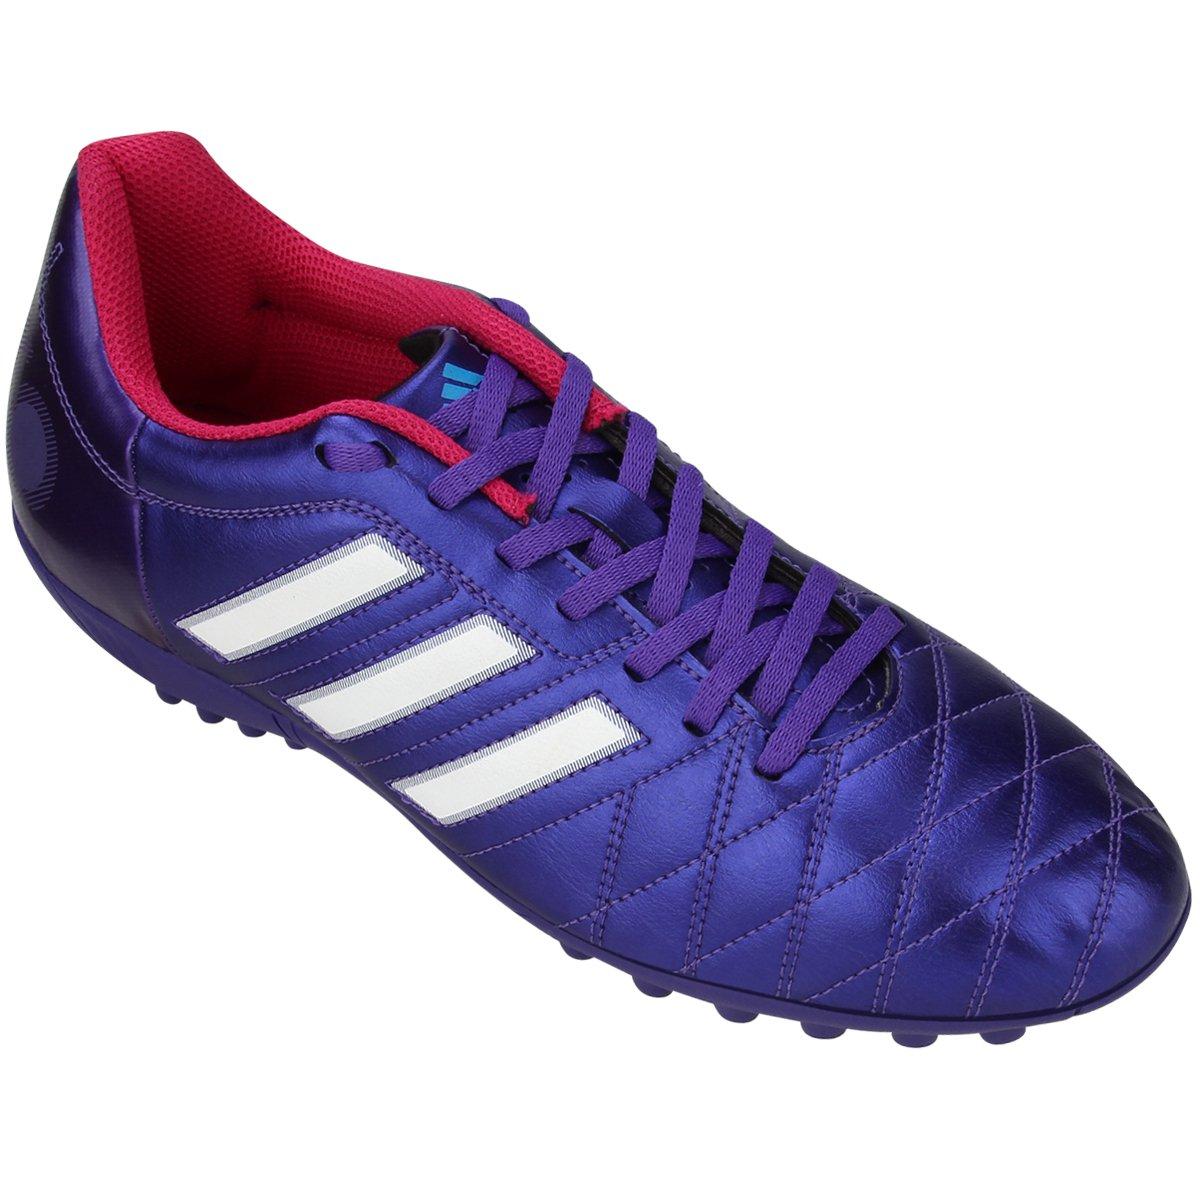 Chuteira Adidas 11 Questra TRX TF - Compre Agora  9088ff40af090